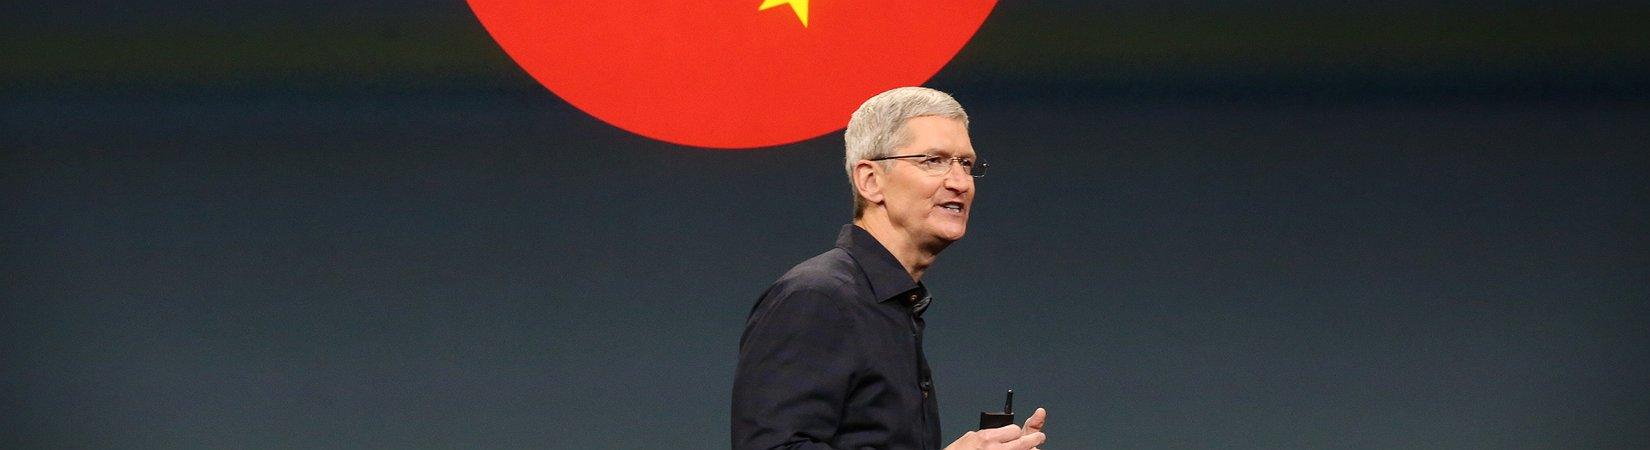 Apple ha creato il suo primo data center in Cina